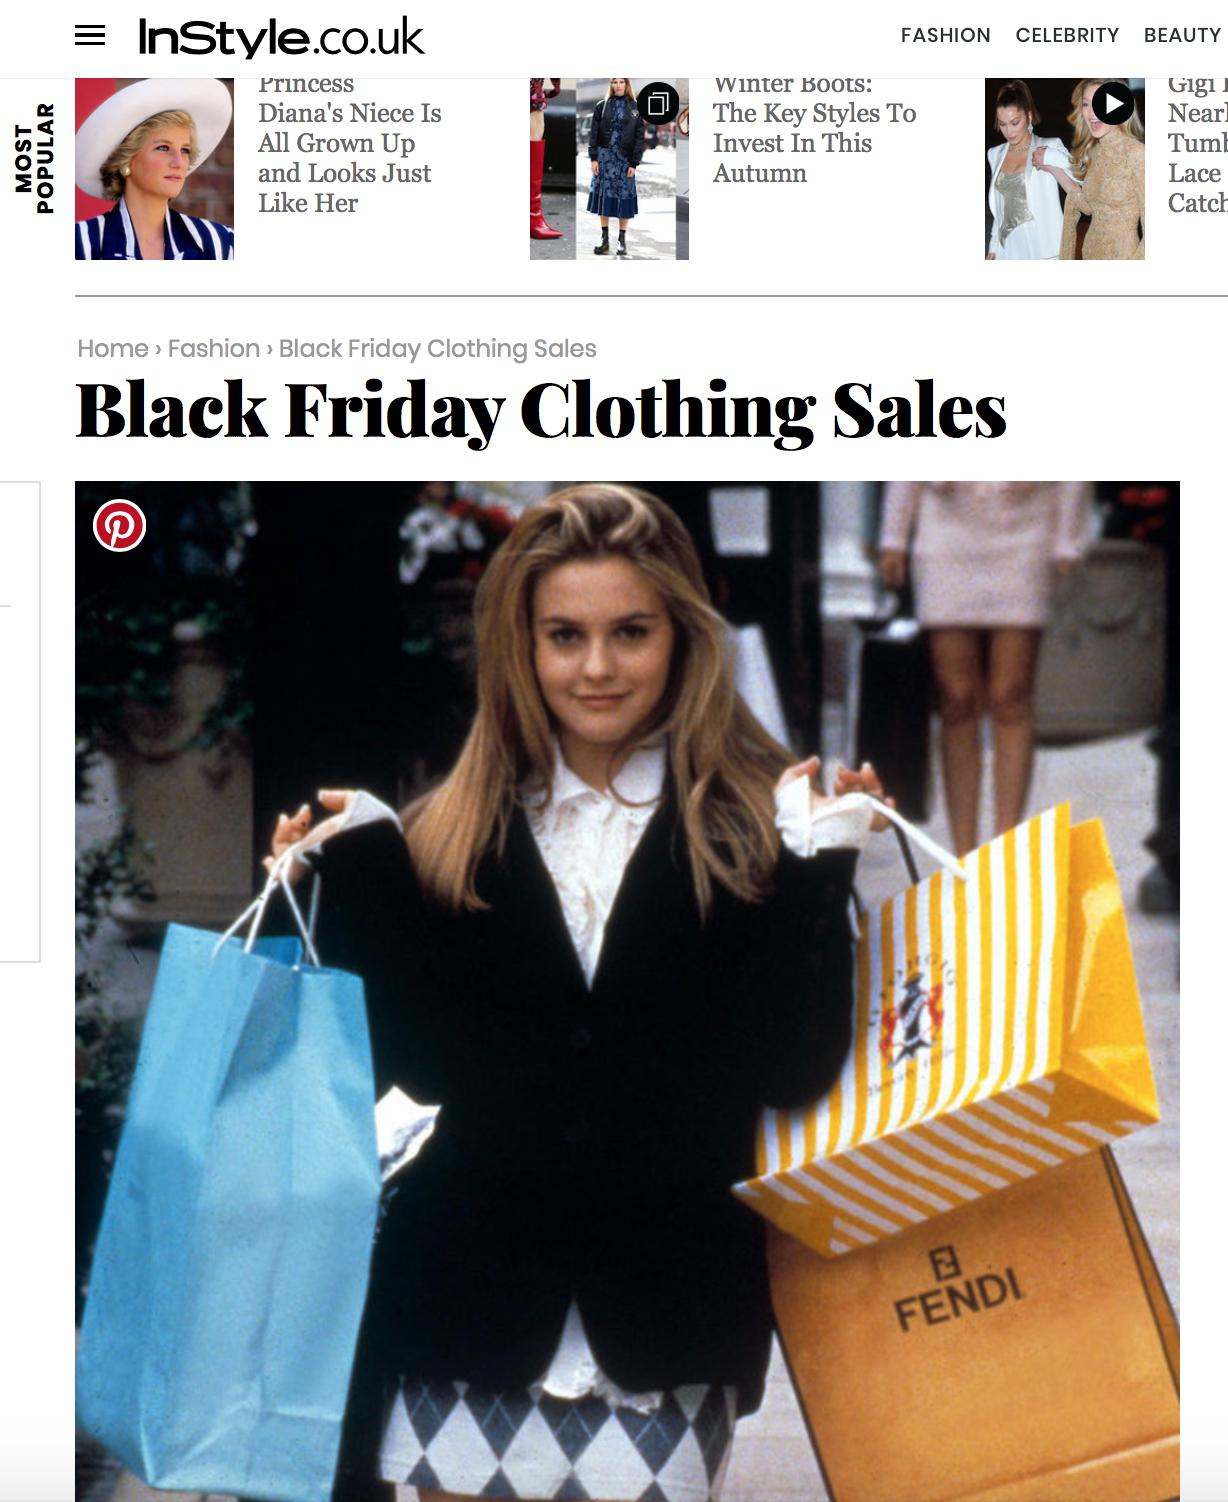 Black Friday Time Inc UK ()